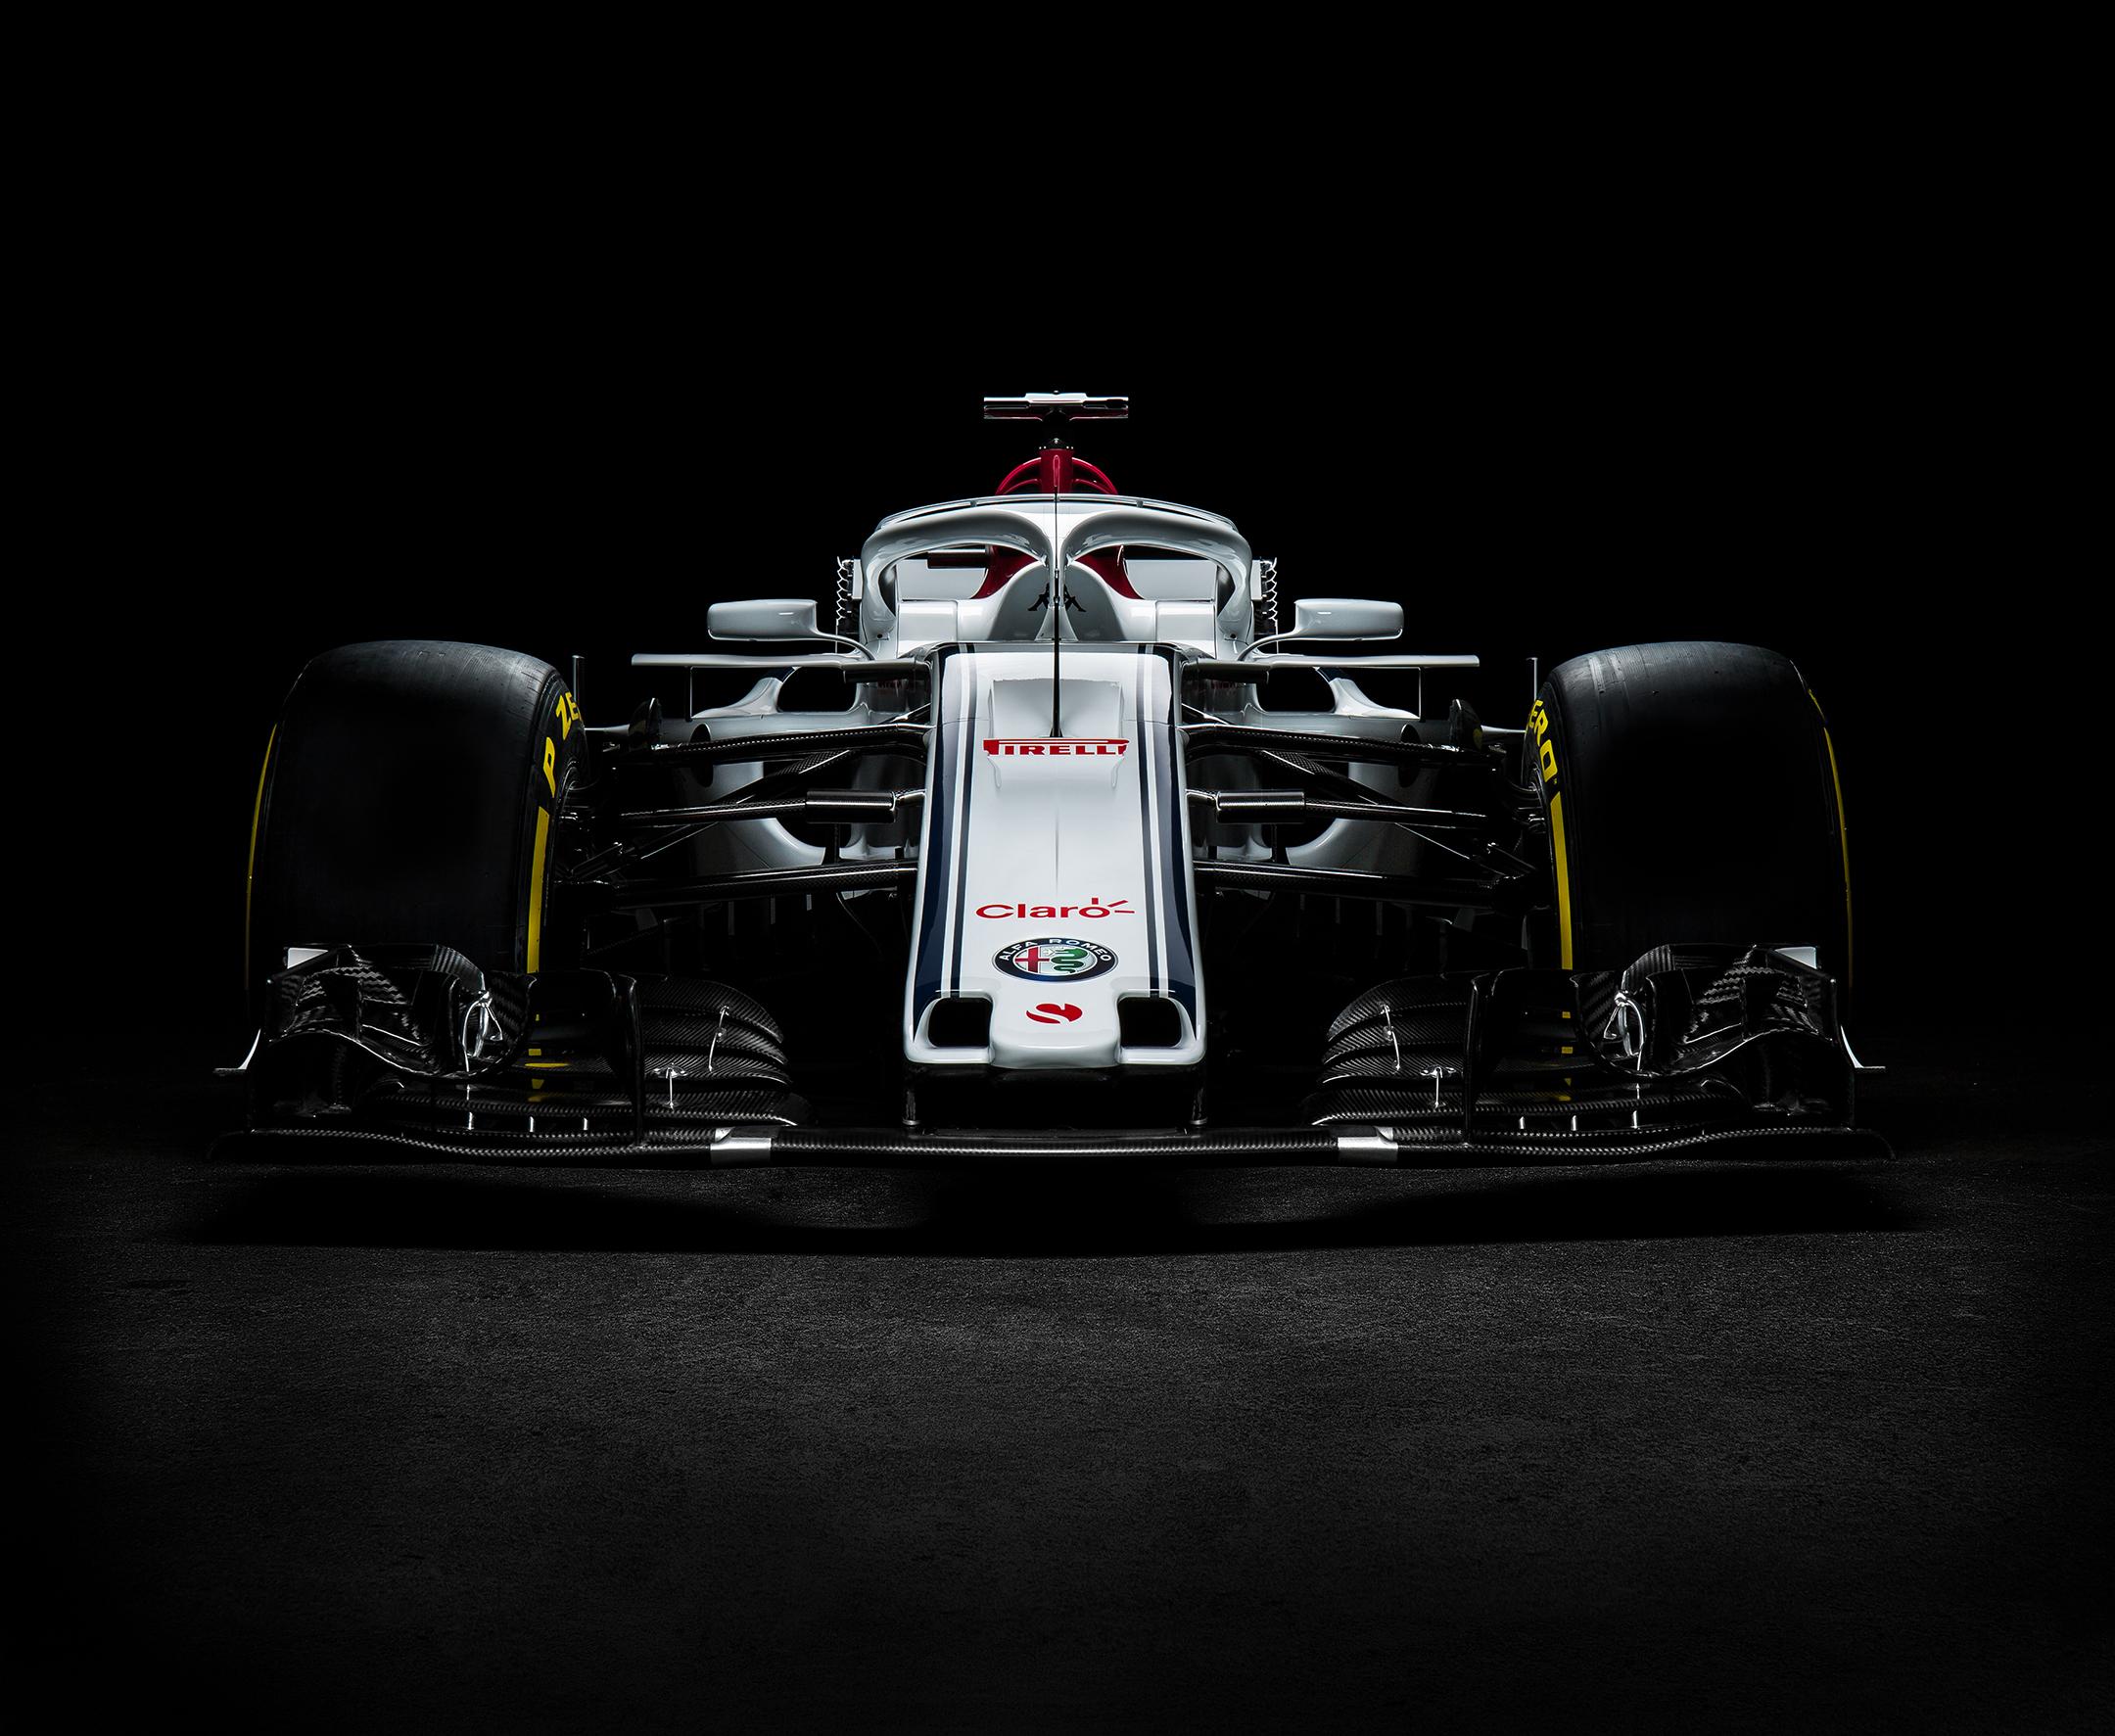 Alfa Romeo Sauber F1 Team - C37 - F1 2018 - front-face